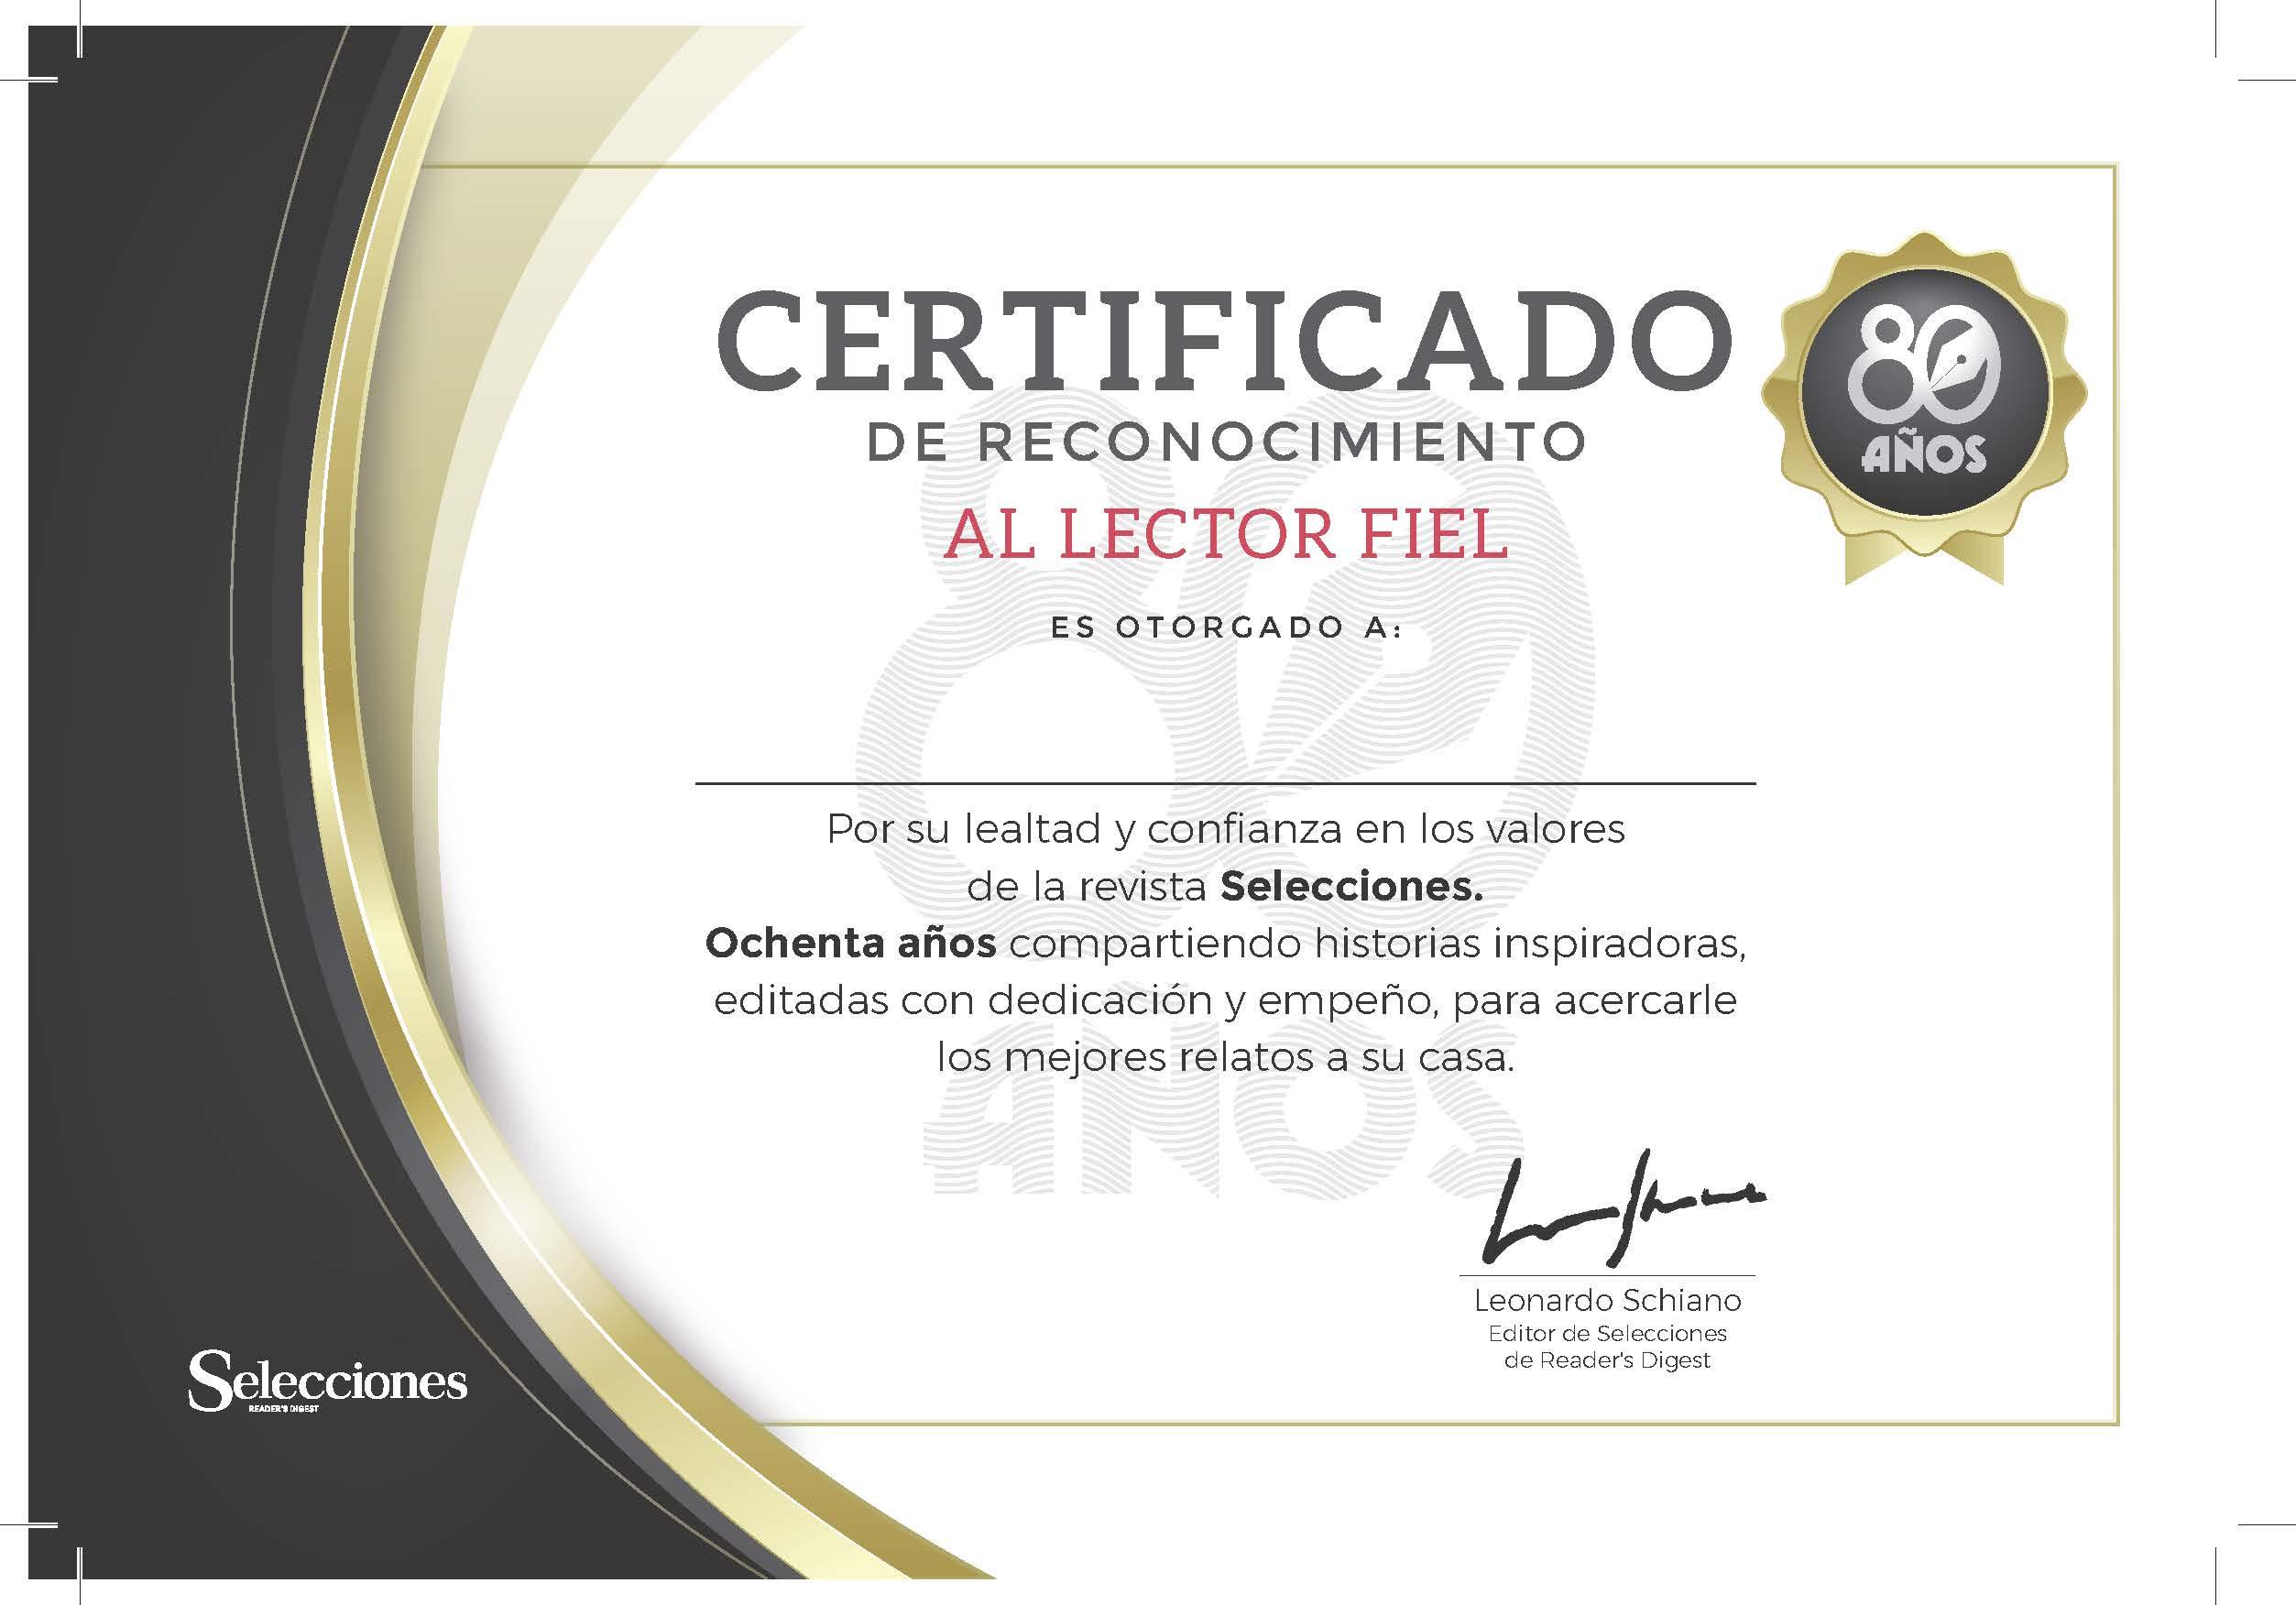 Certificado 80 Años